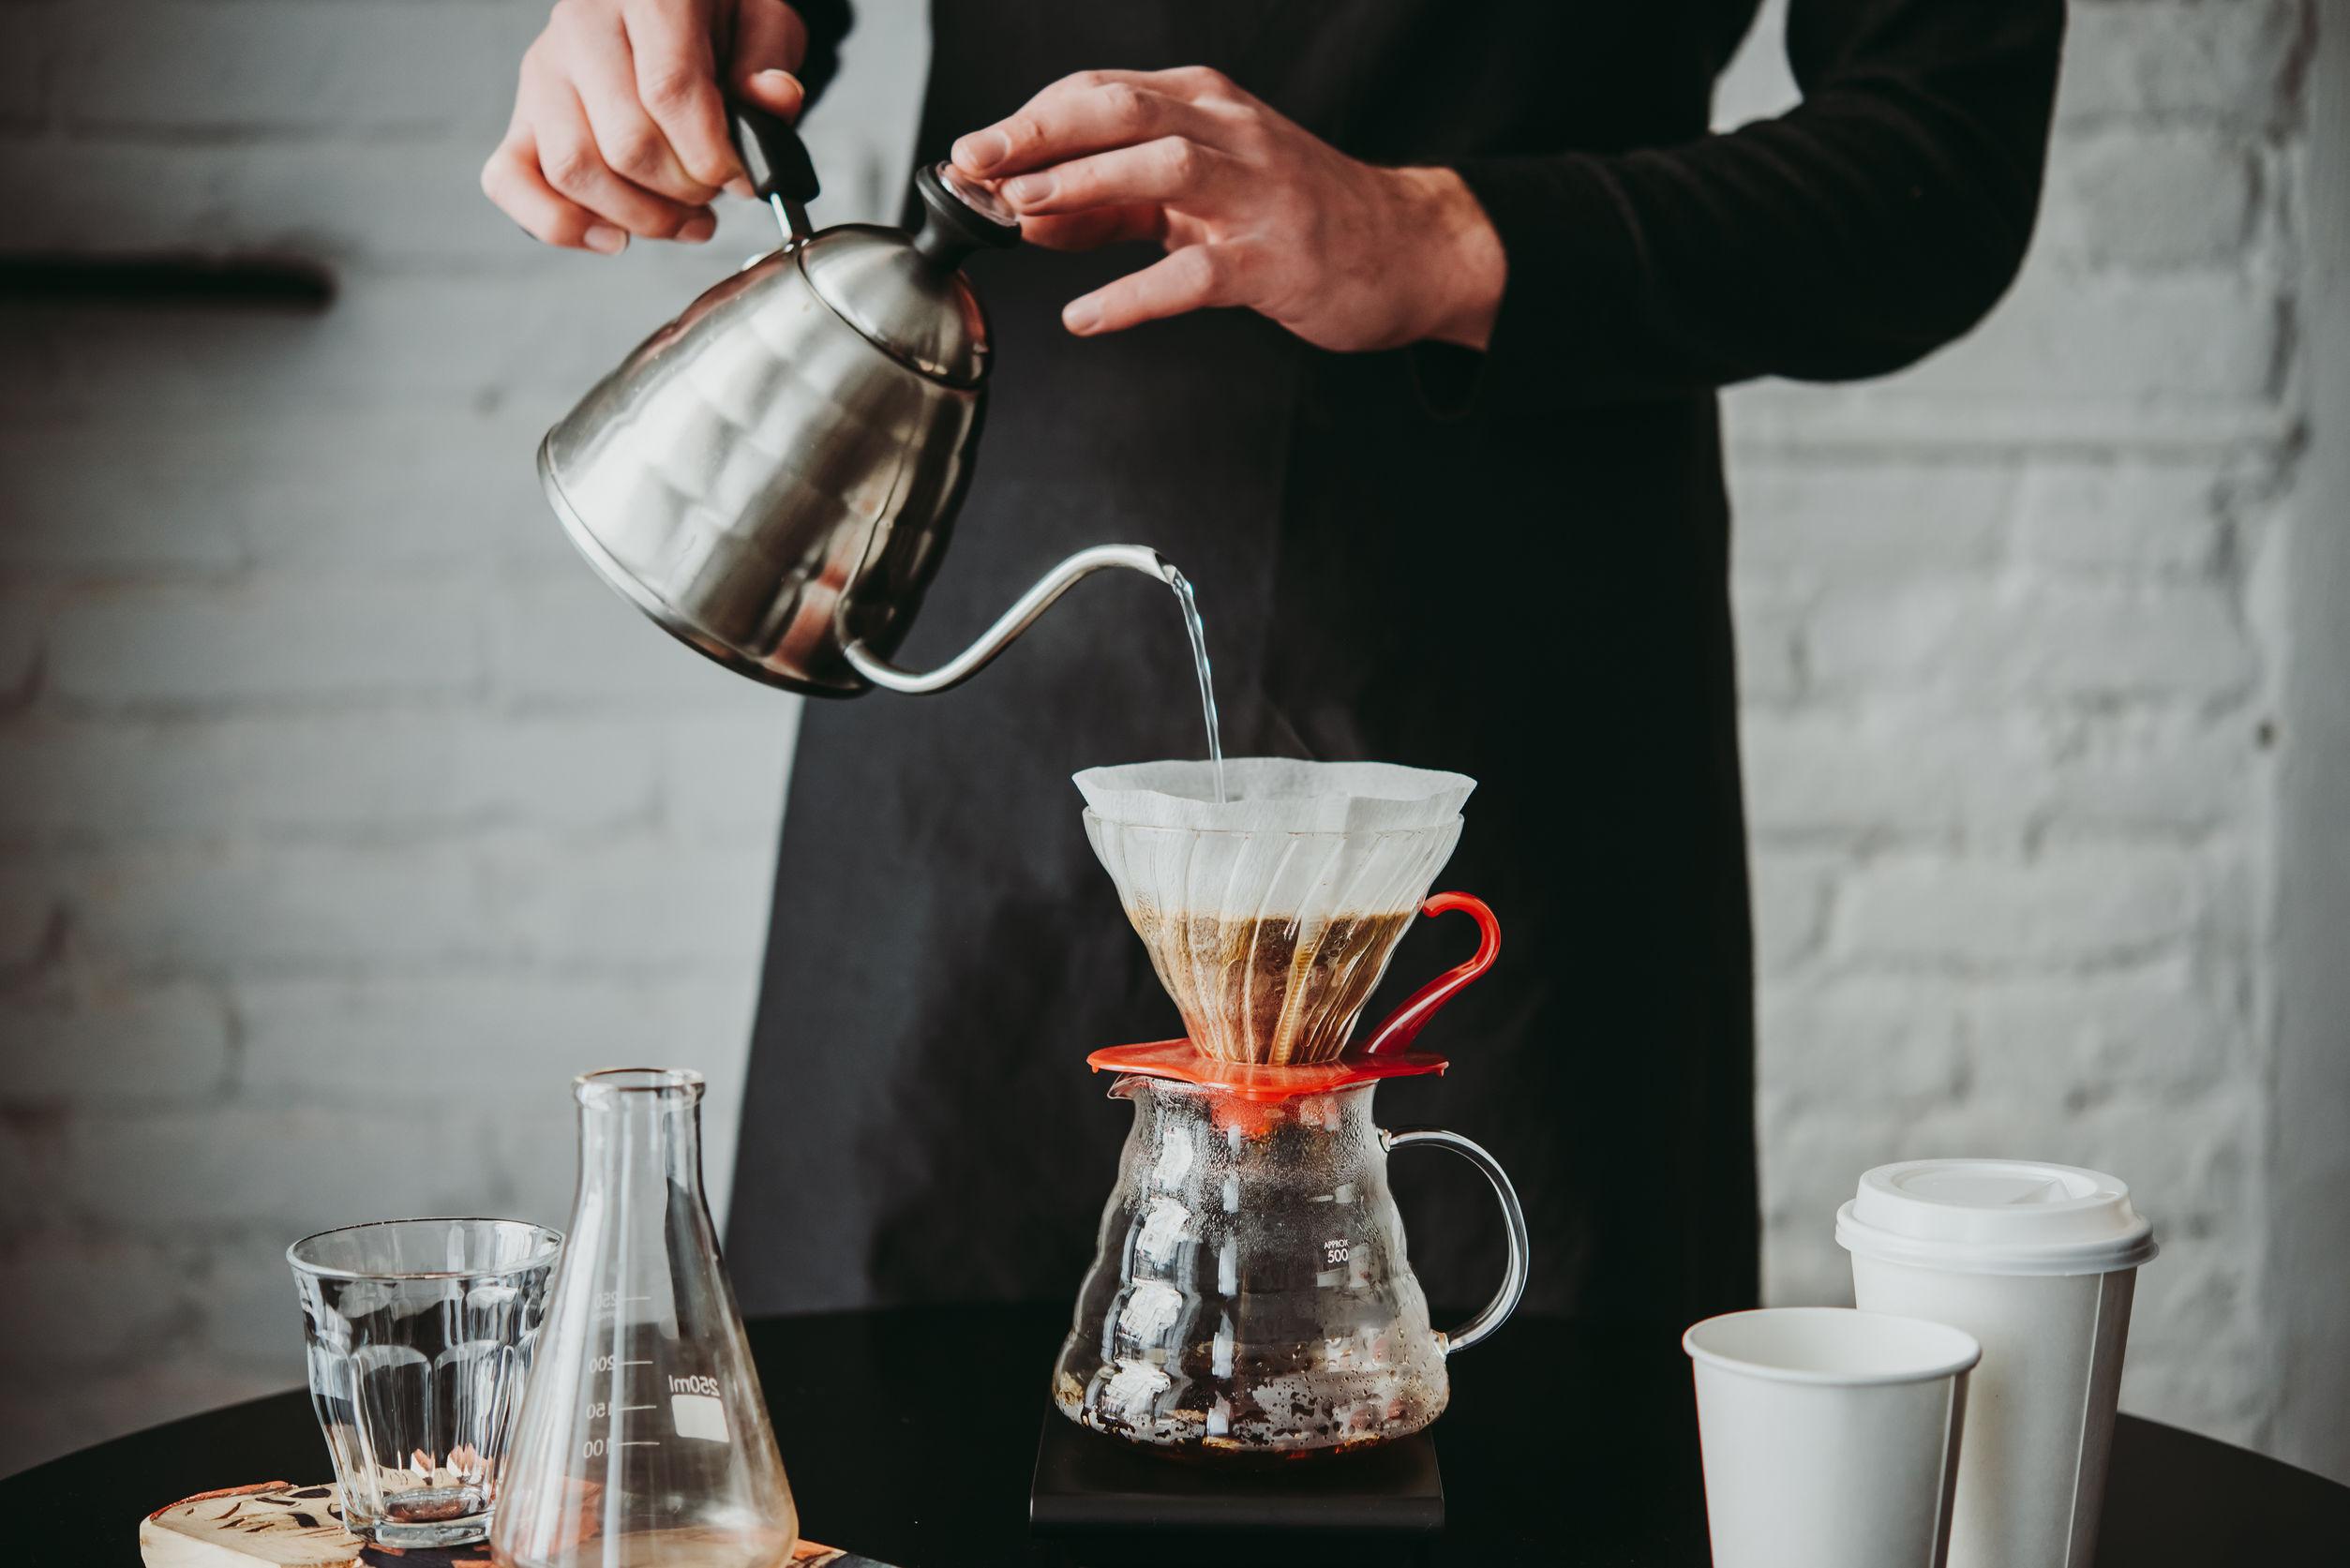 Foto que mostra da cintura pra baixo de uma pessoa preparando café de avental preto, utilizando um conjunto v60.